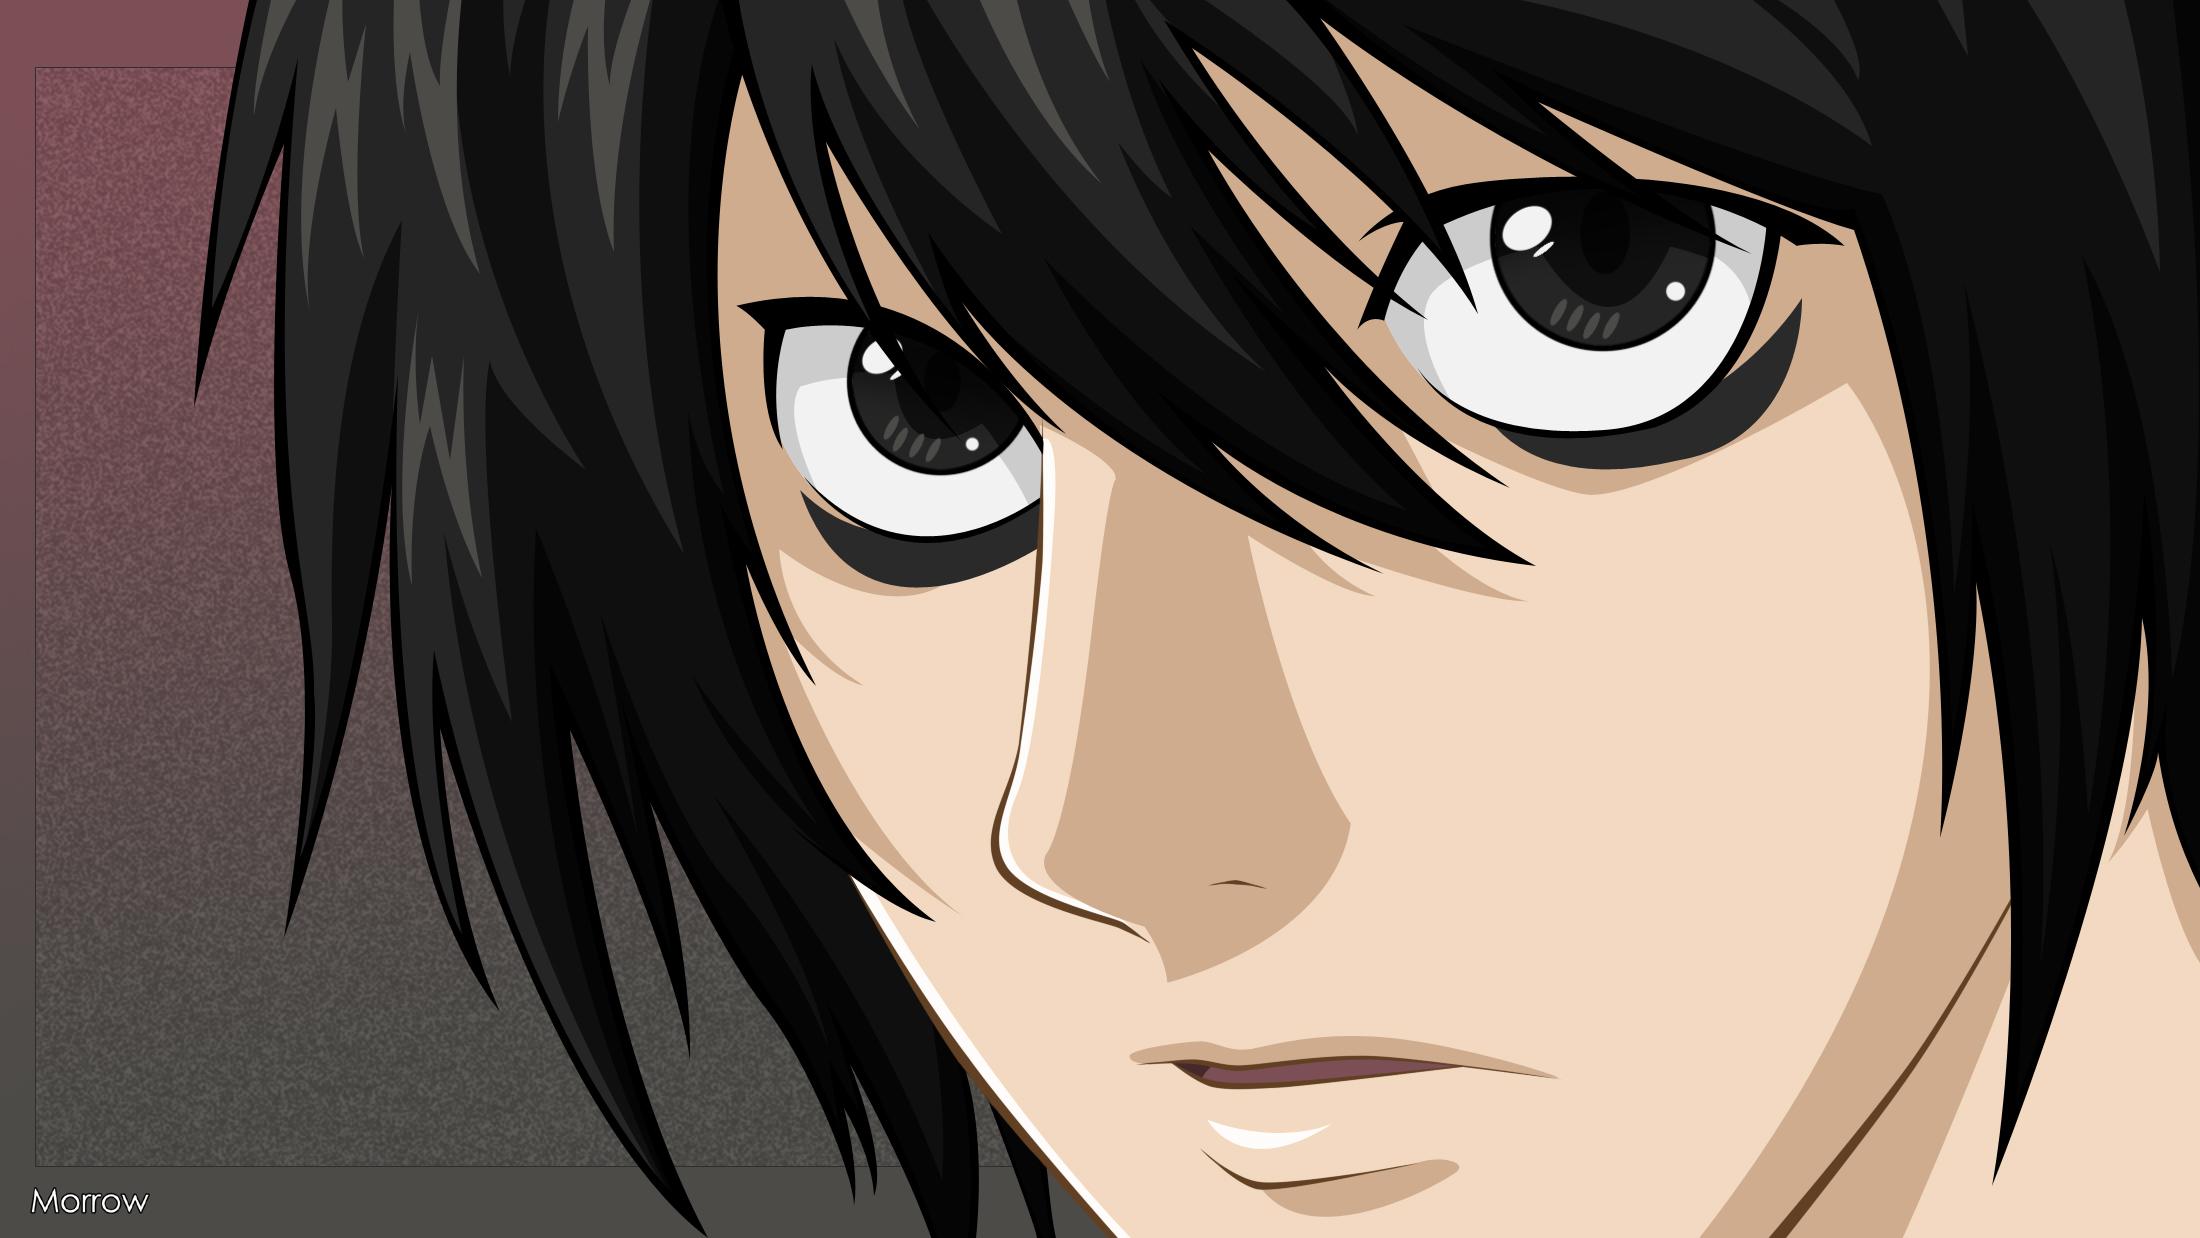 L lawliet image 1368228 zerochan anime image board - Manga death note ...